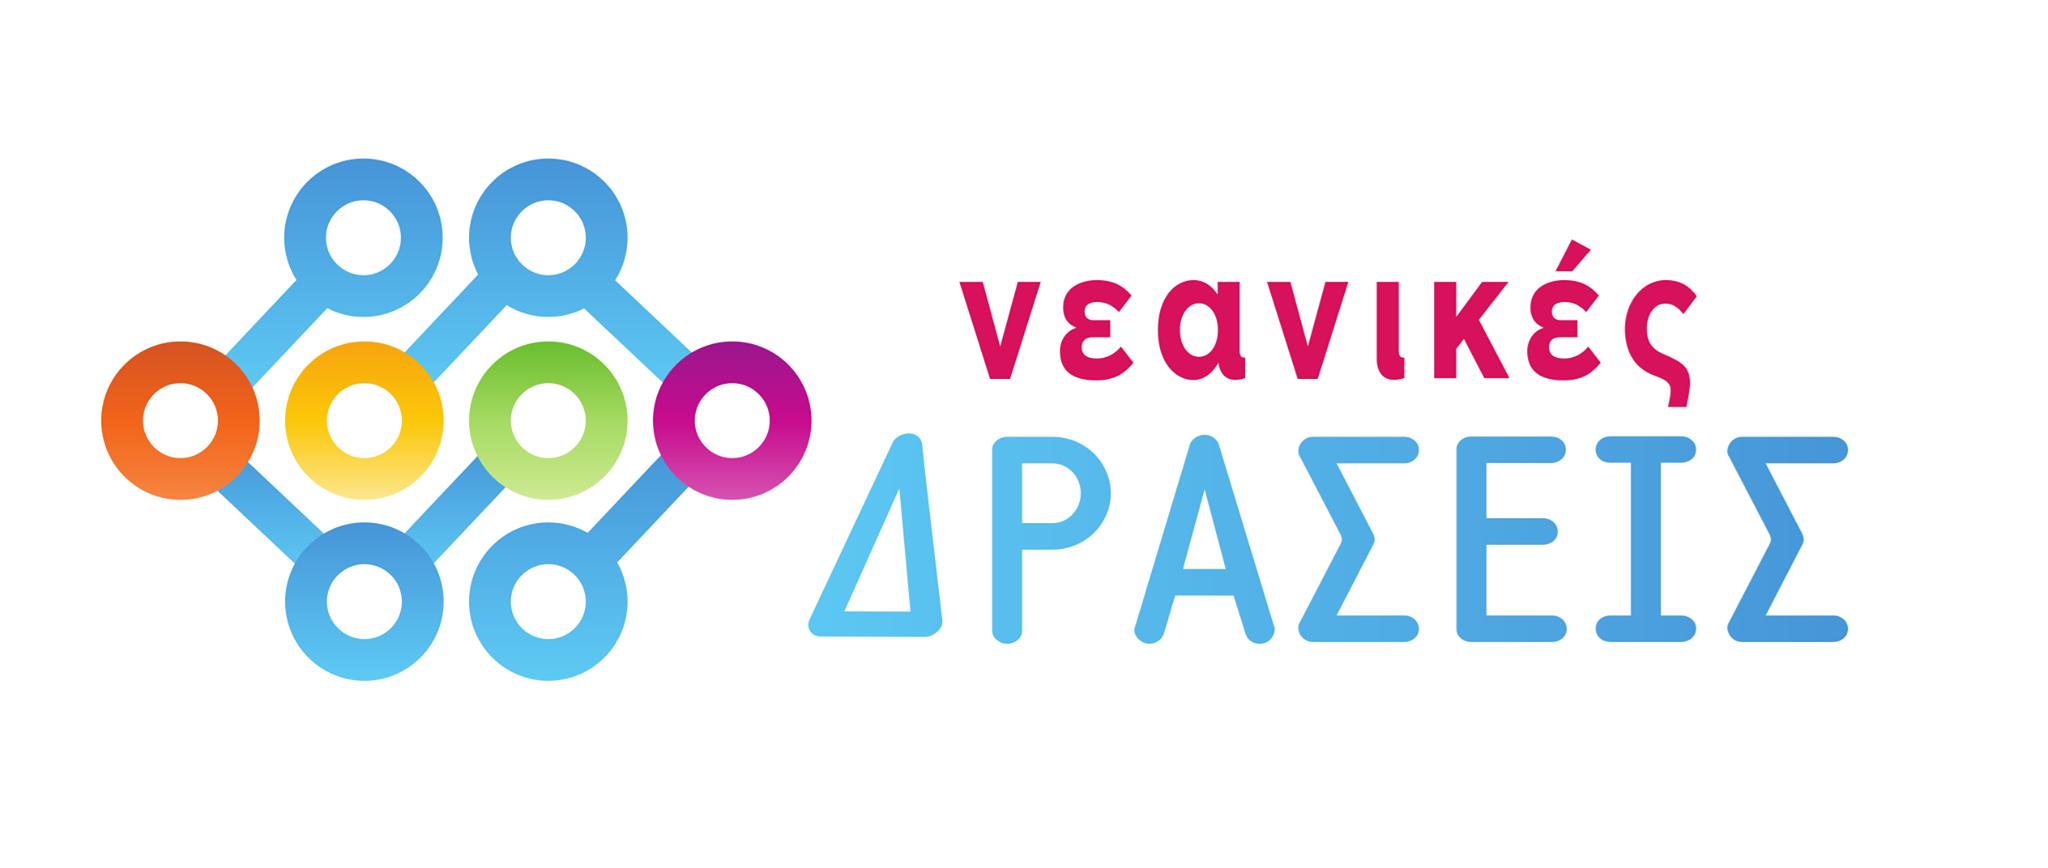 Λογότυπο νεανικές δράσεις